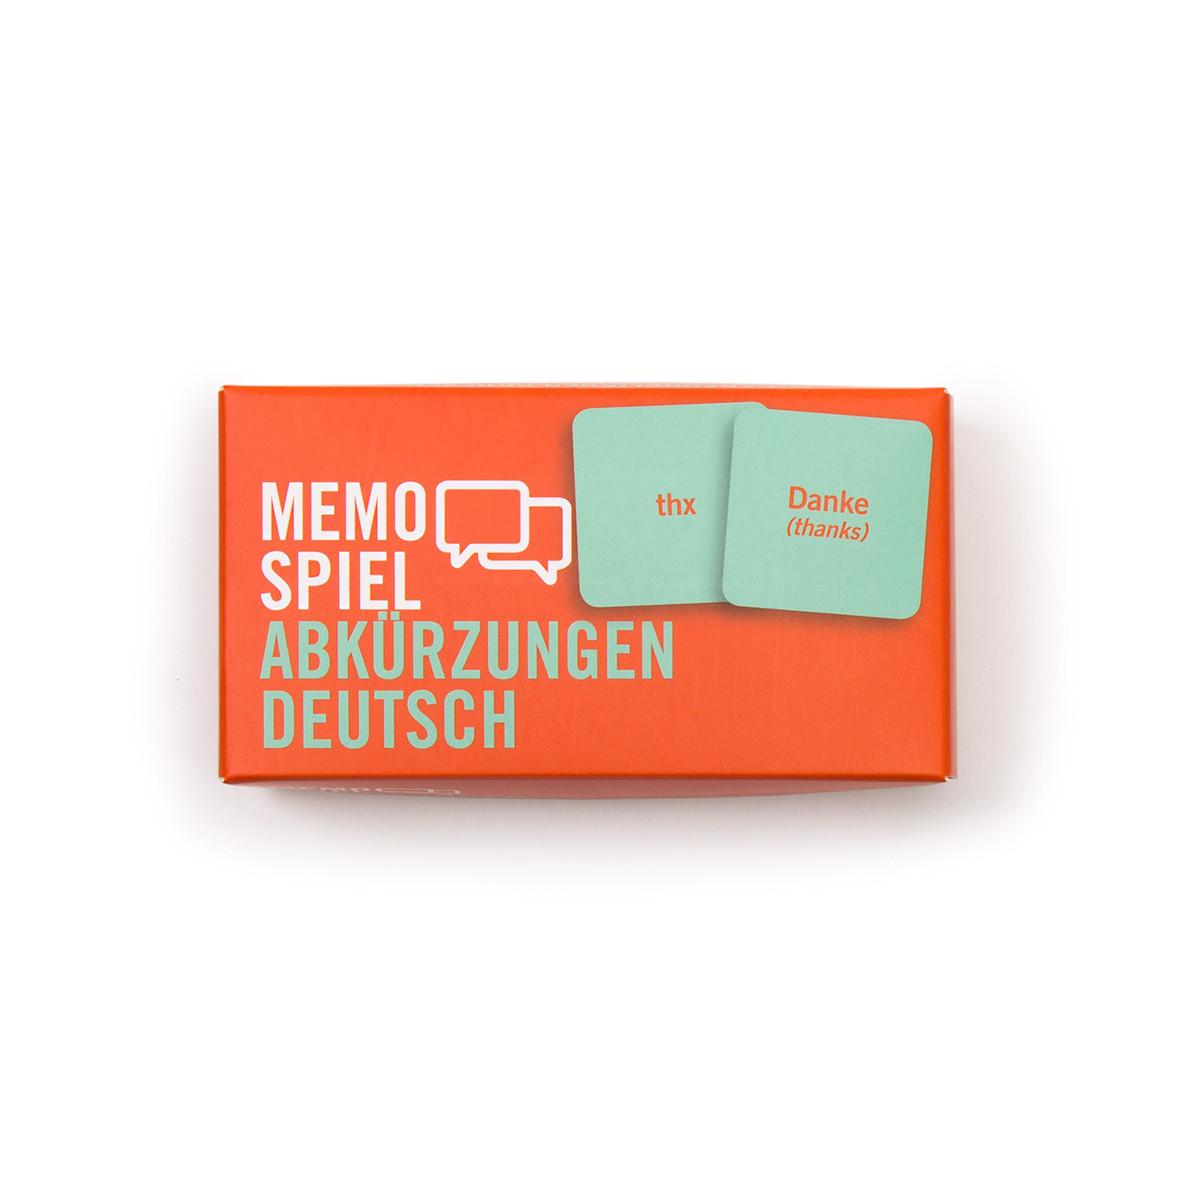 Memospiel Abkürzungen Deutsch